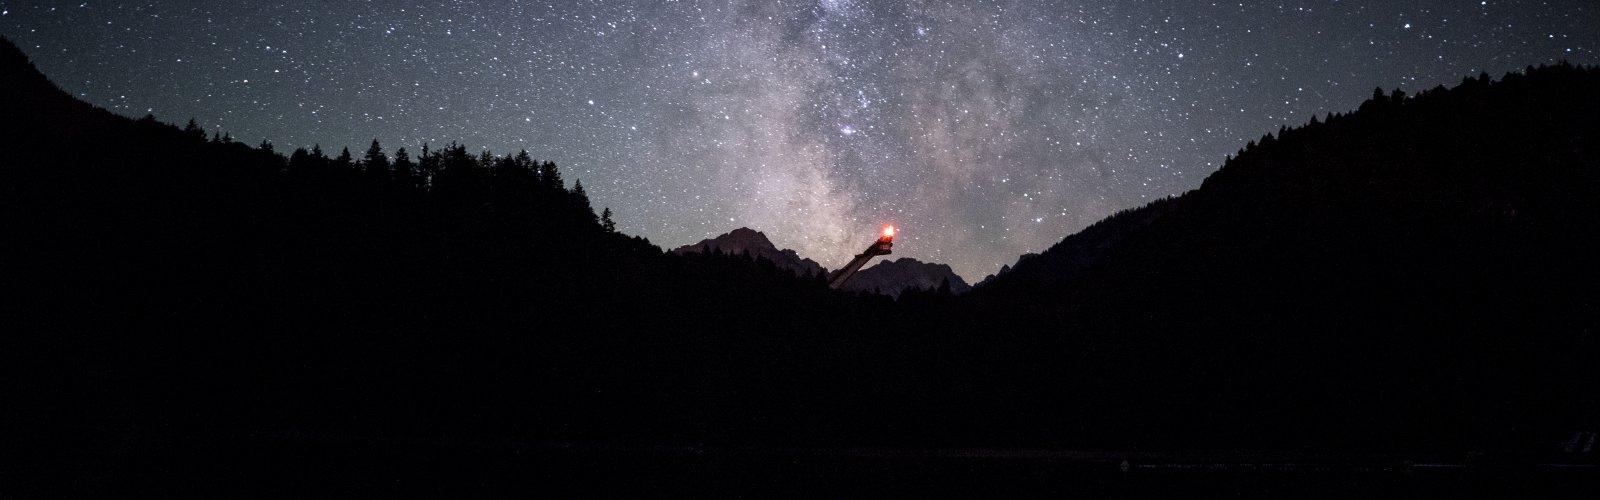 Freibergsee bei Nacht